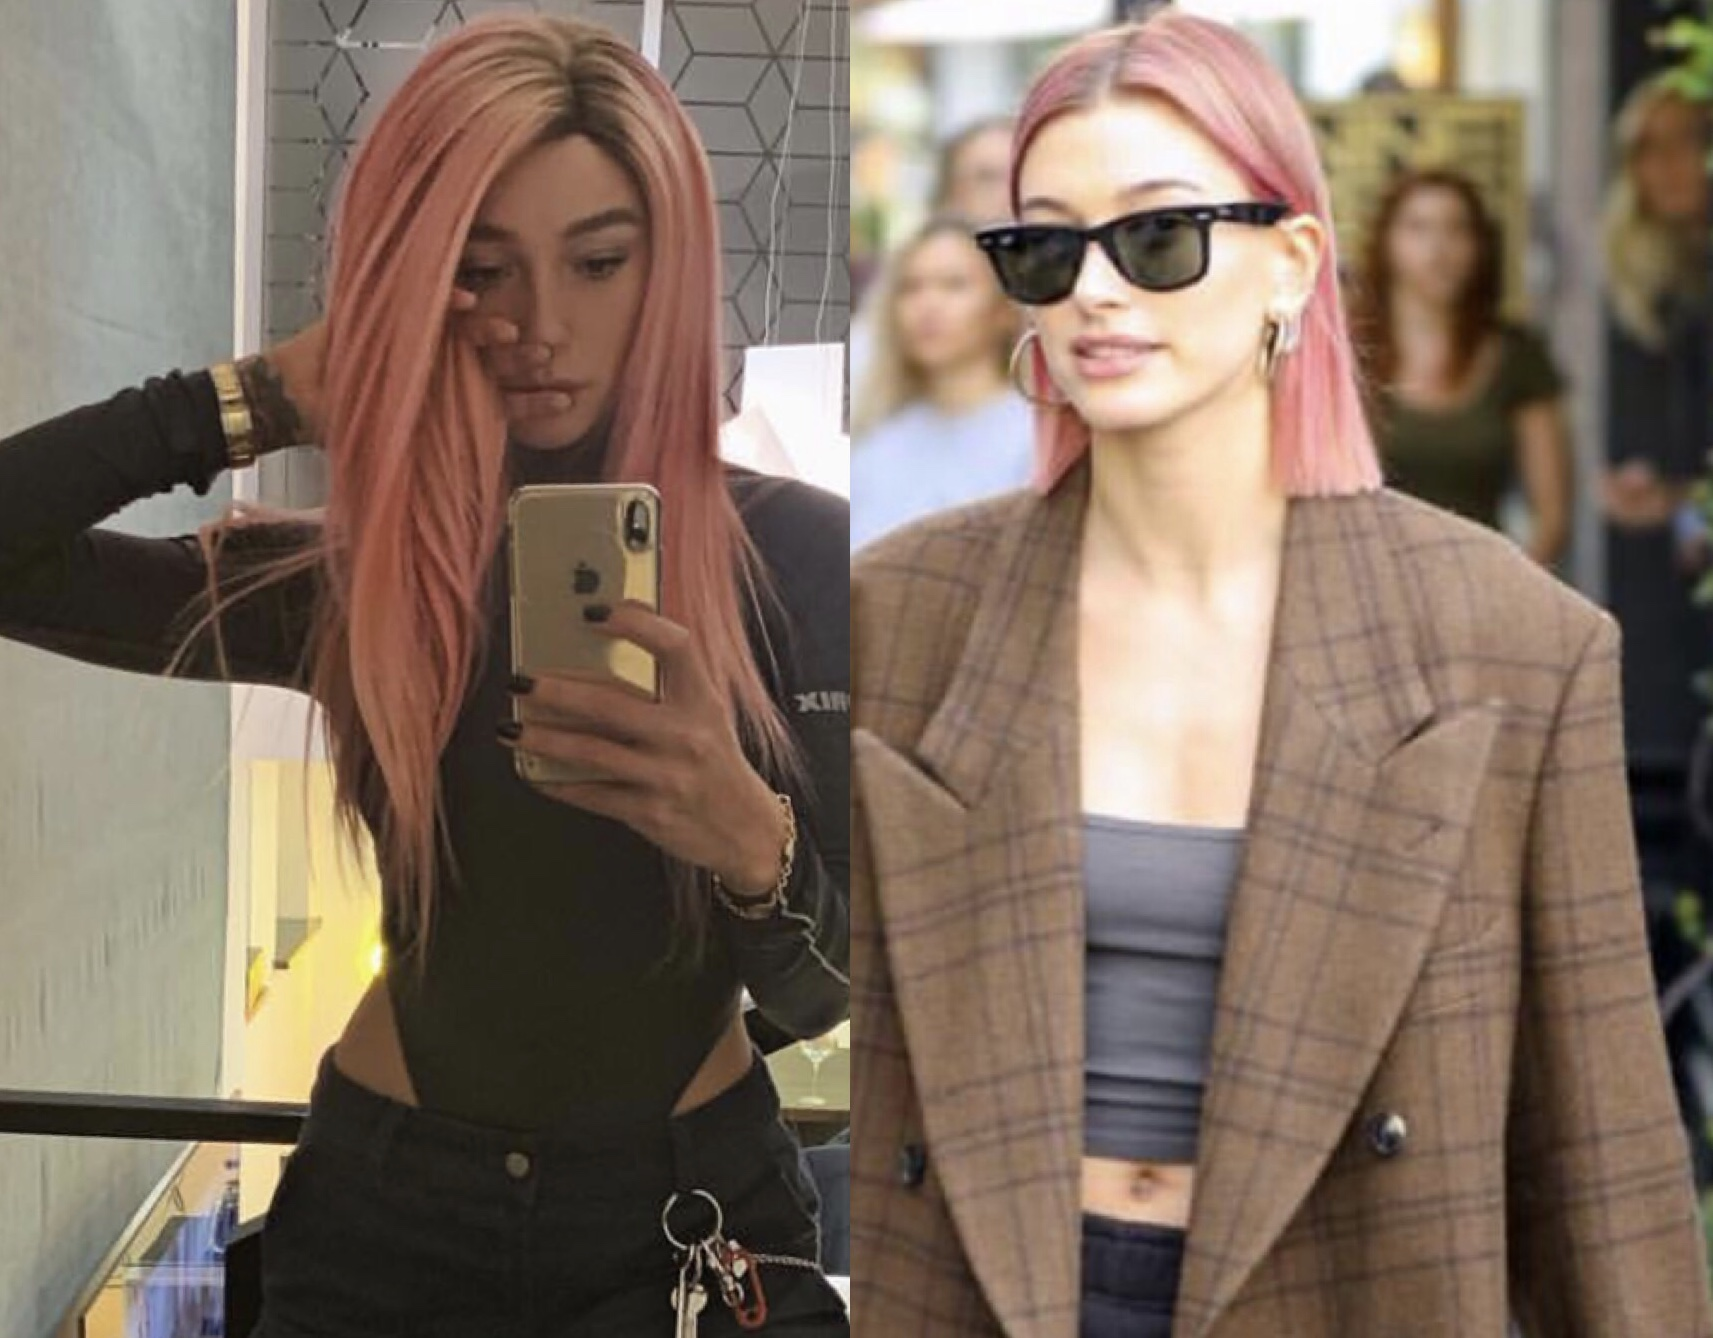 Кому идут розовые волосы больше? Голосуй: Хейли Болдуин или Анастасия Ивлеева